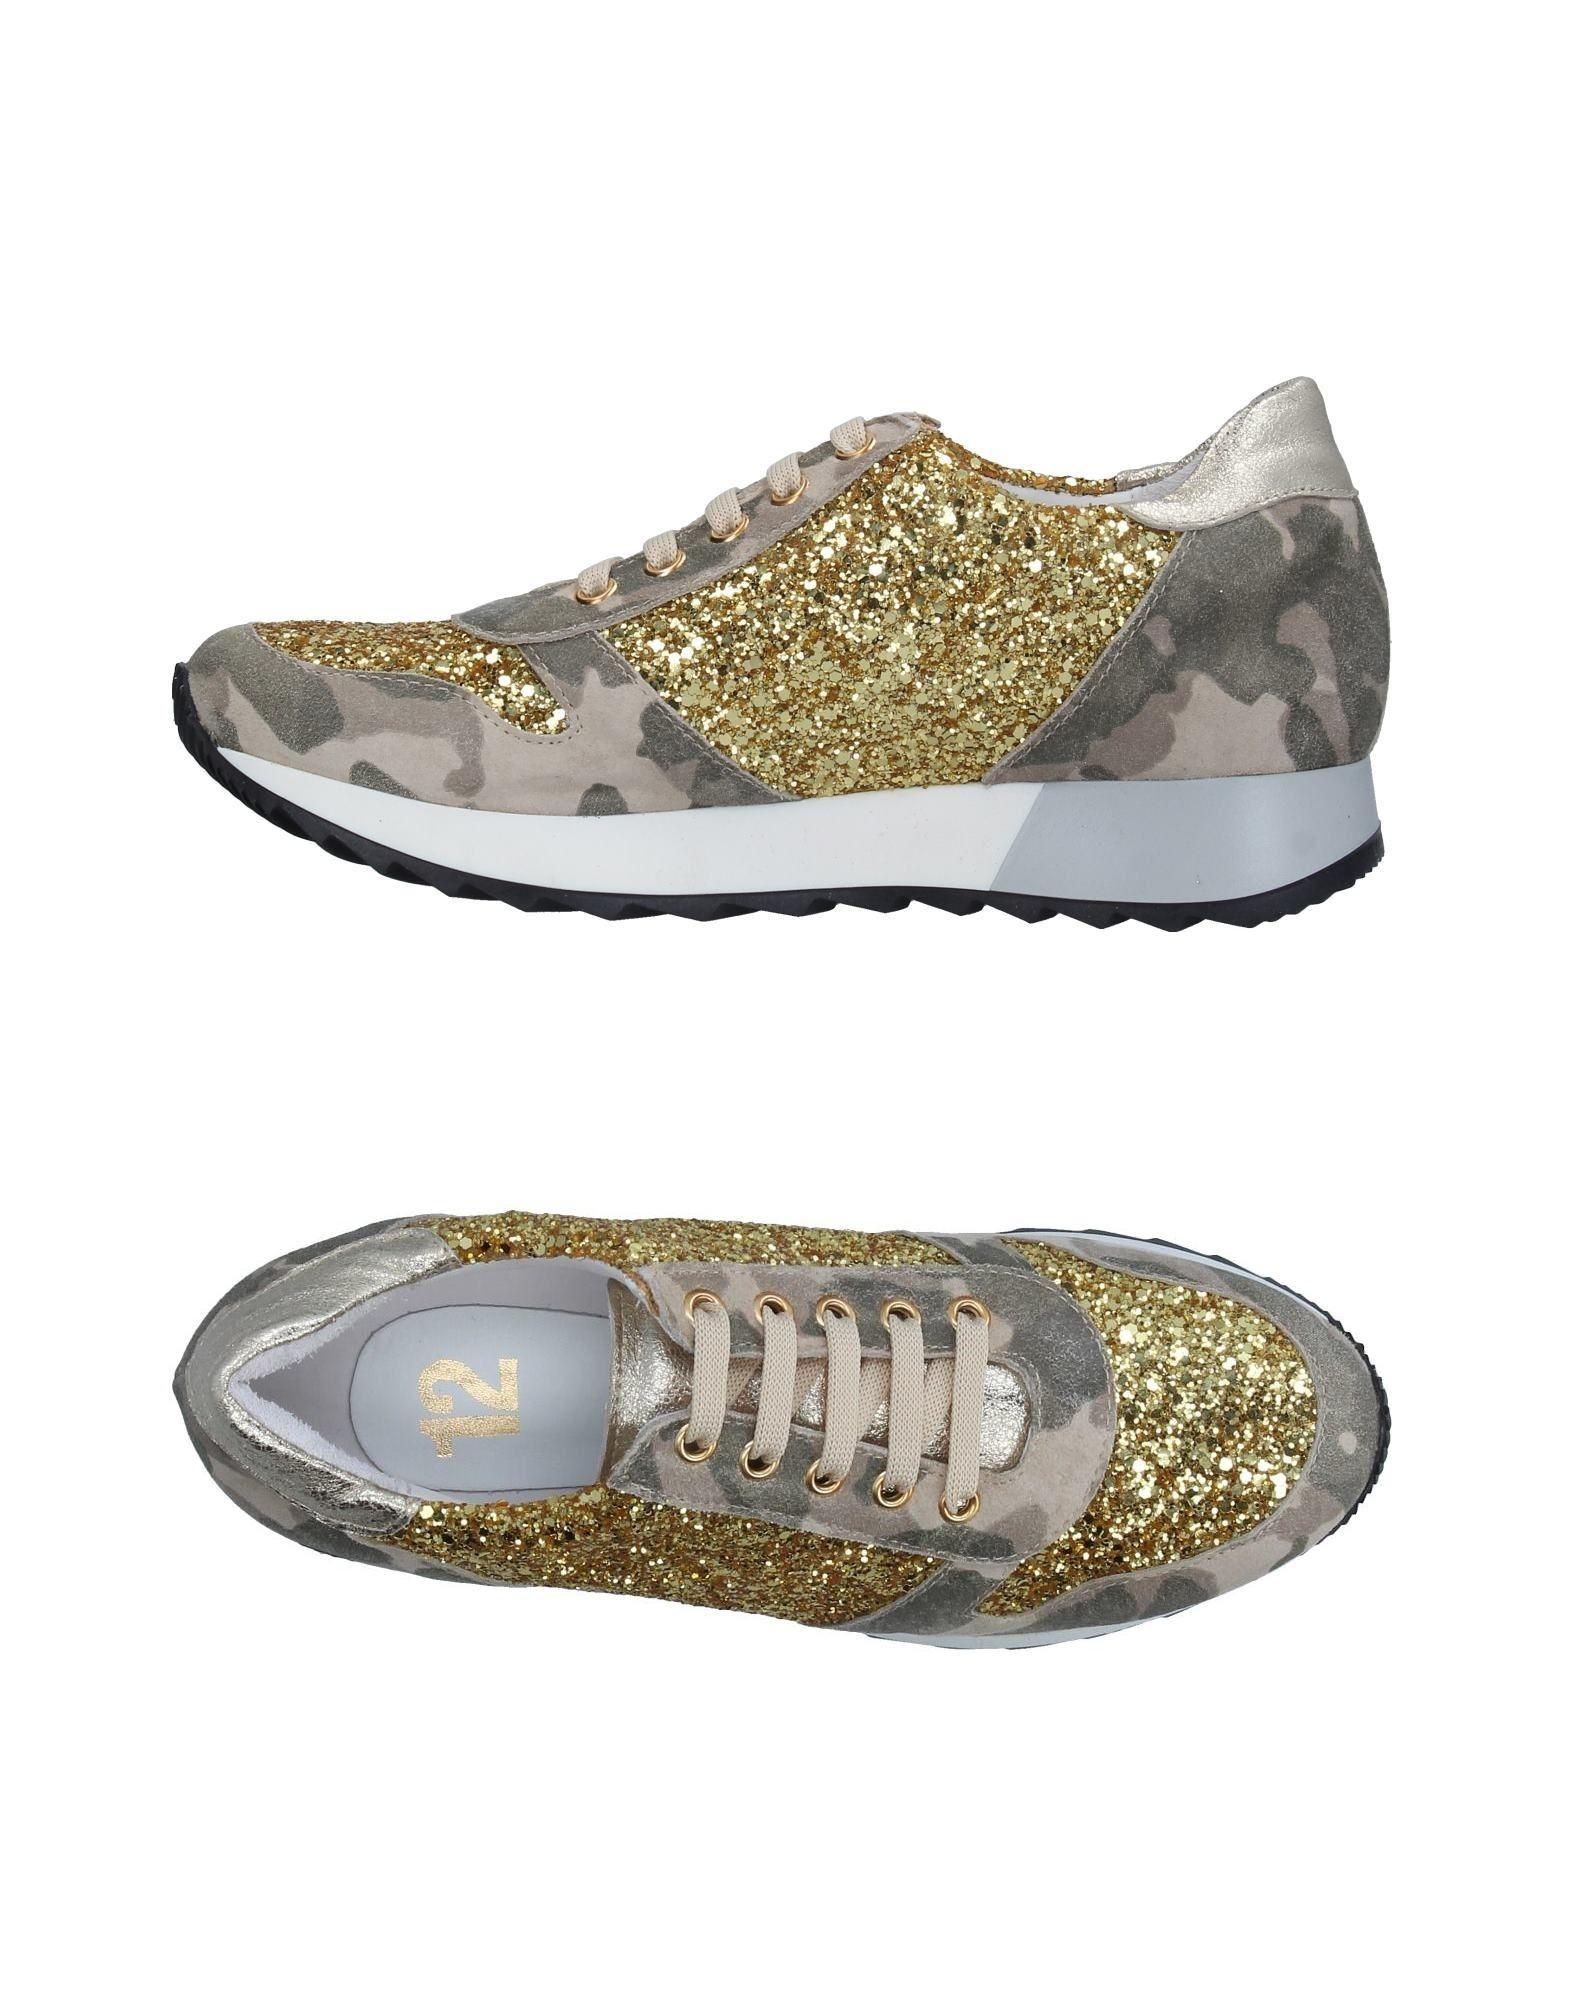 Moda Sneakers Tsd12 Donna - 11338240NL